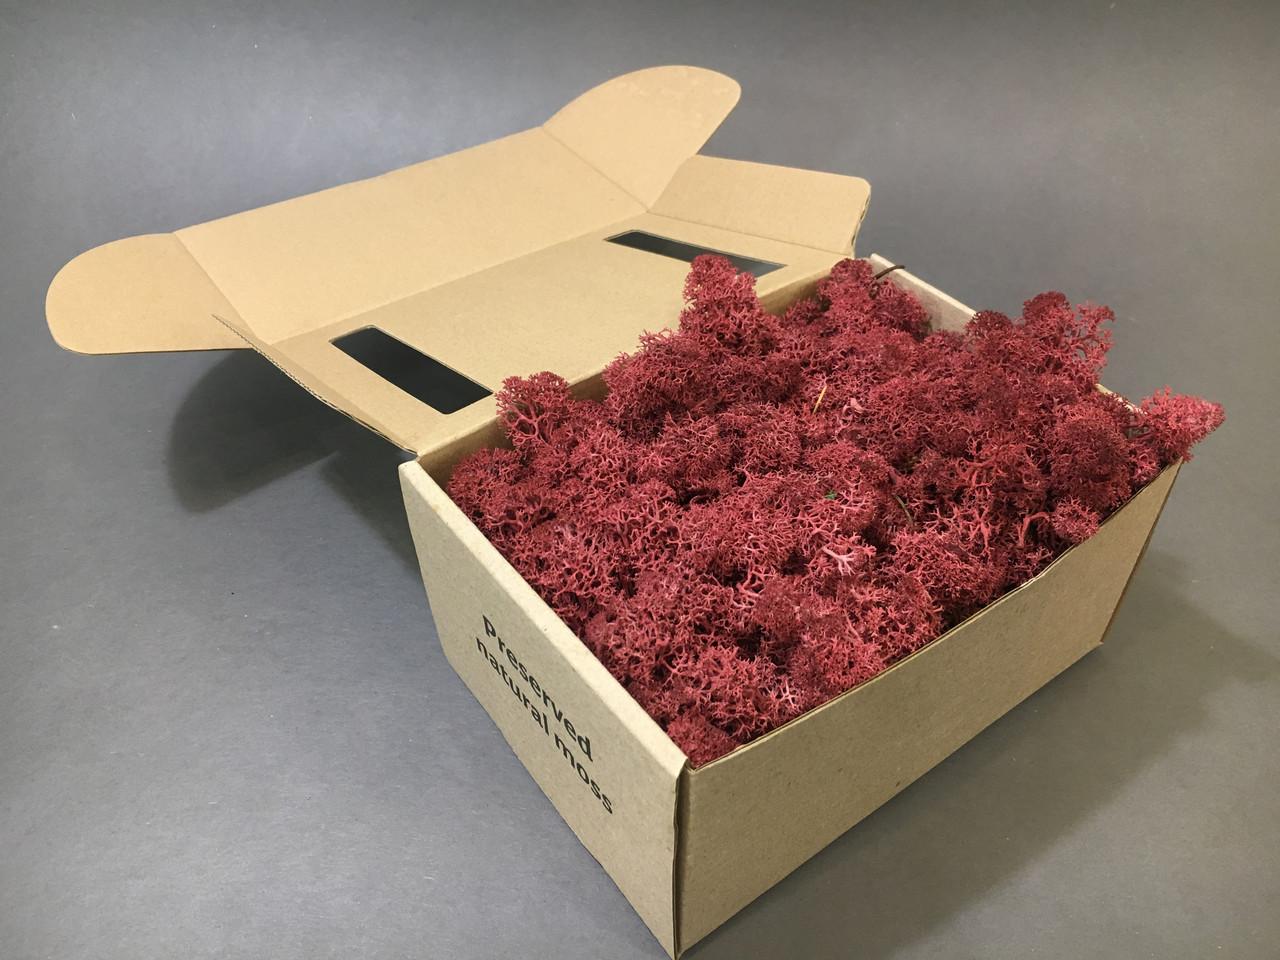 Стабилизированный мох в коробке (Burgundy)